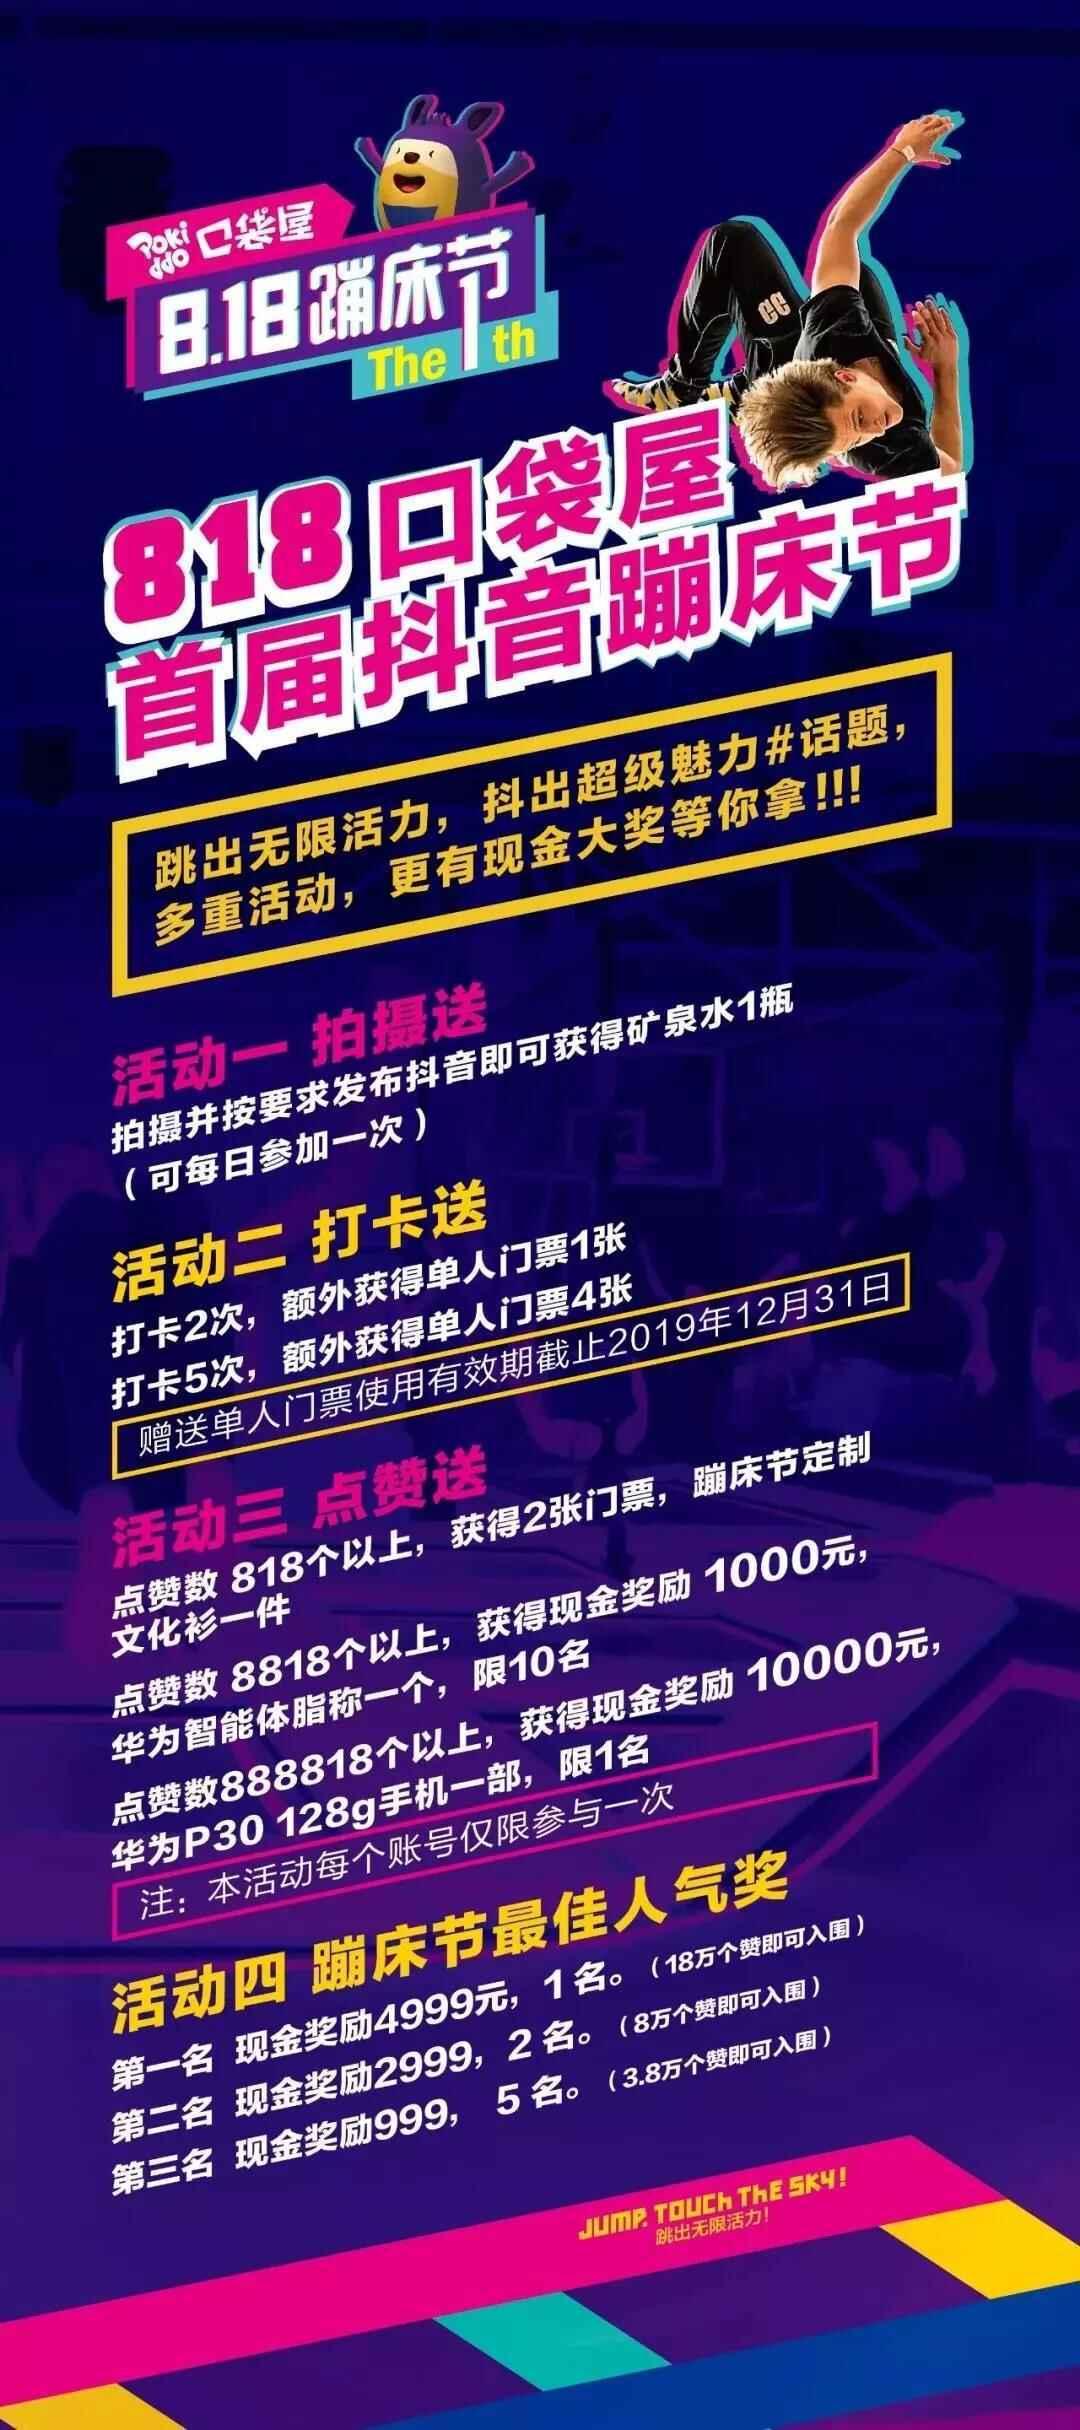 818蹦床节活动规则海报